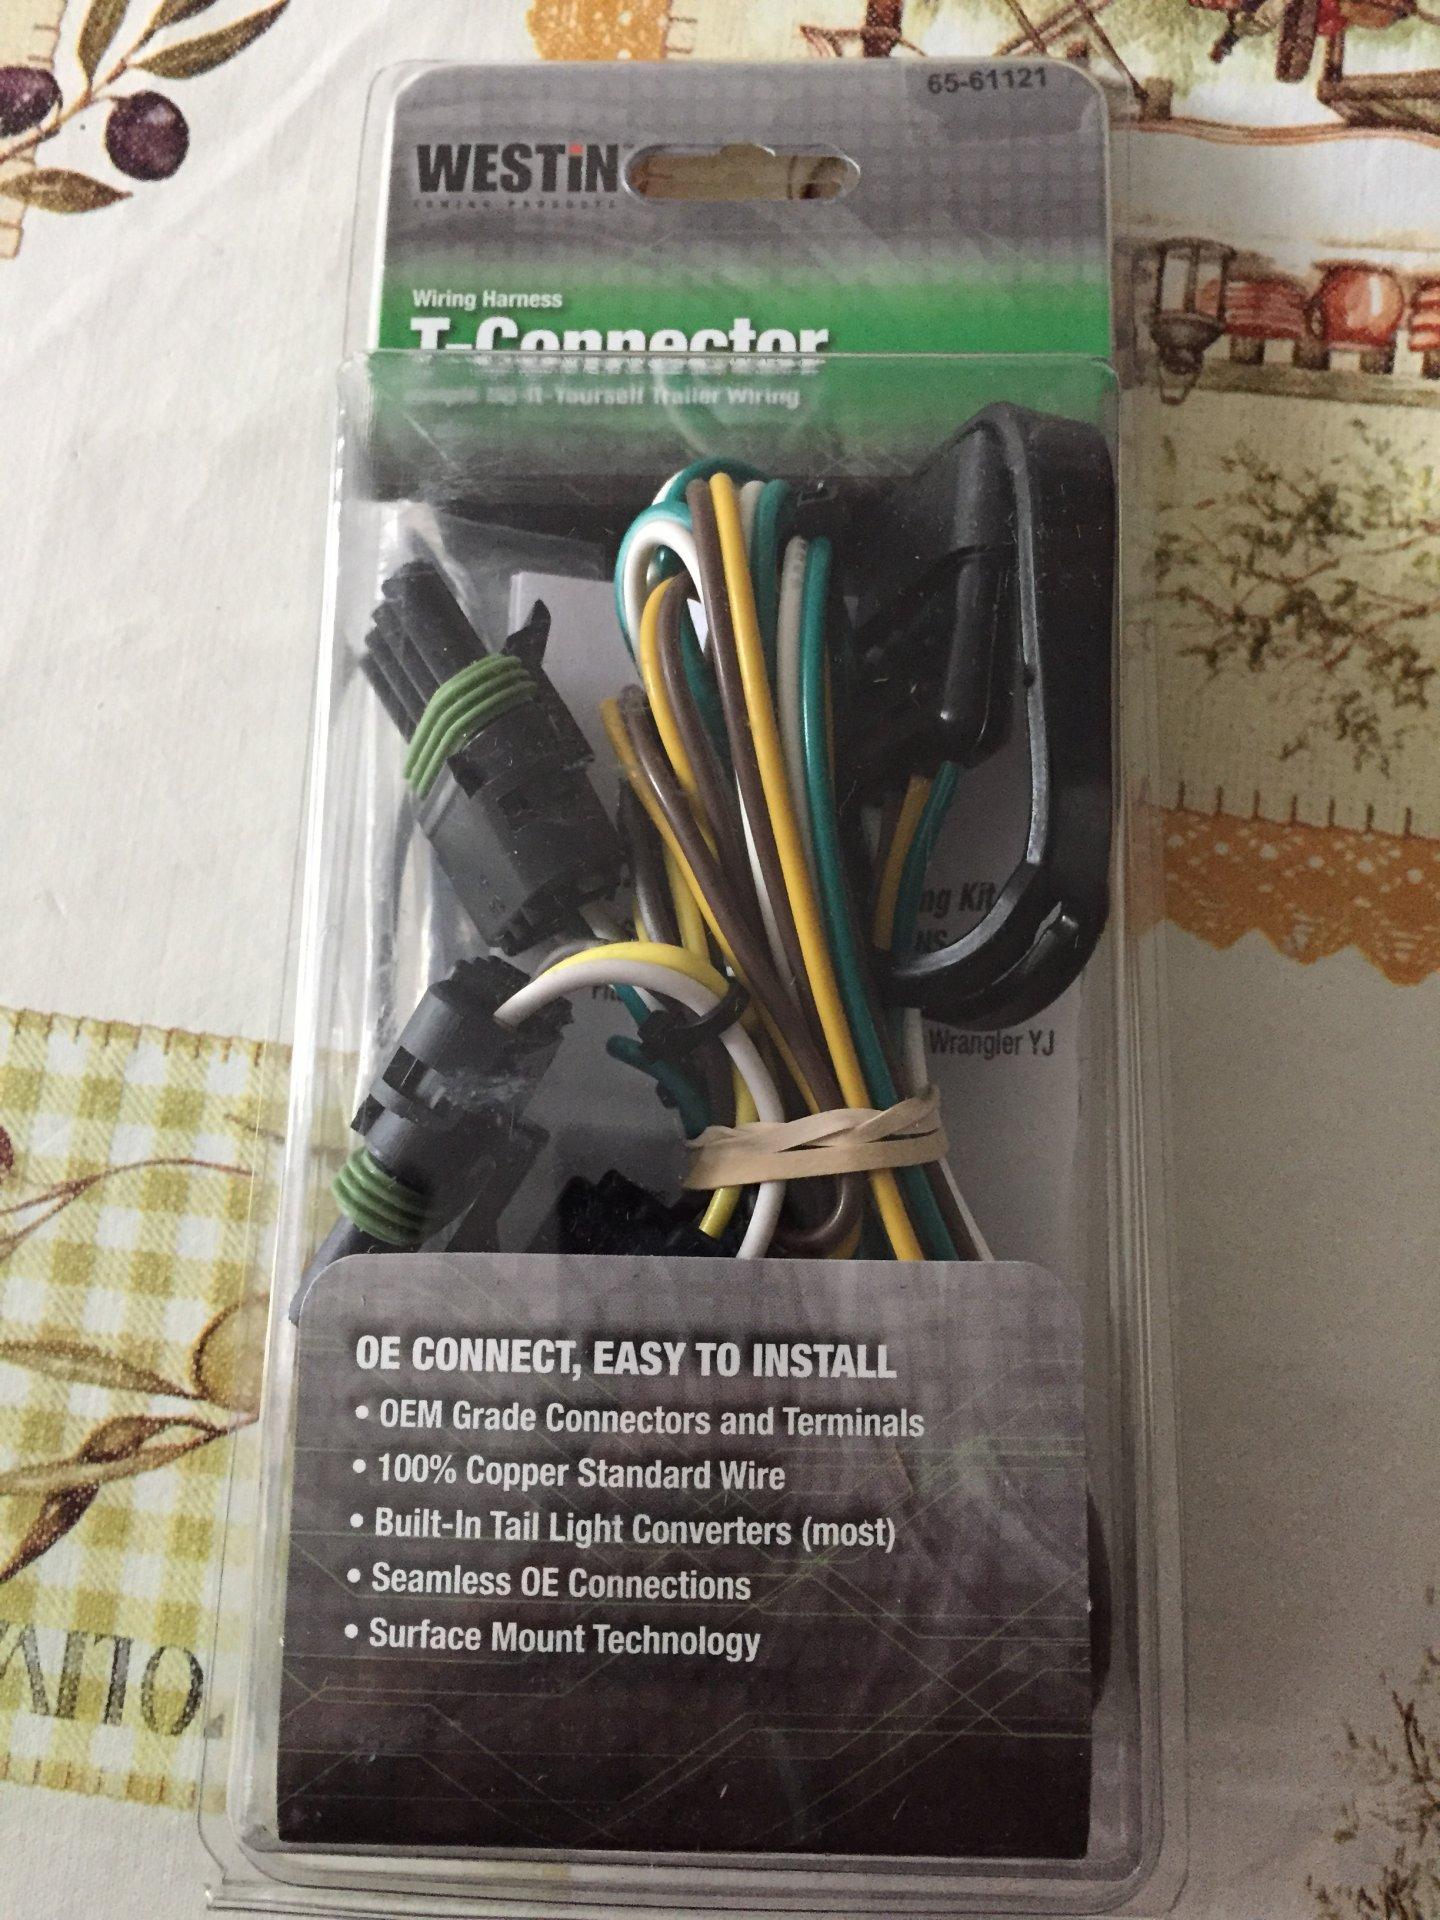 Willy Soll Wieder Schn Werden Seite 2 Yj Wiring Harness Connectors Foto 180518 17 20 42 1